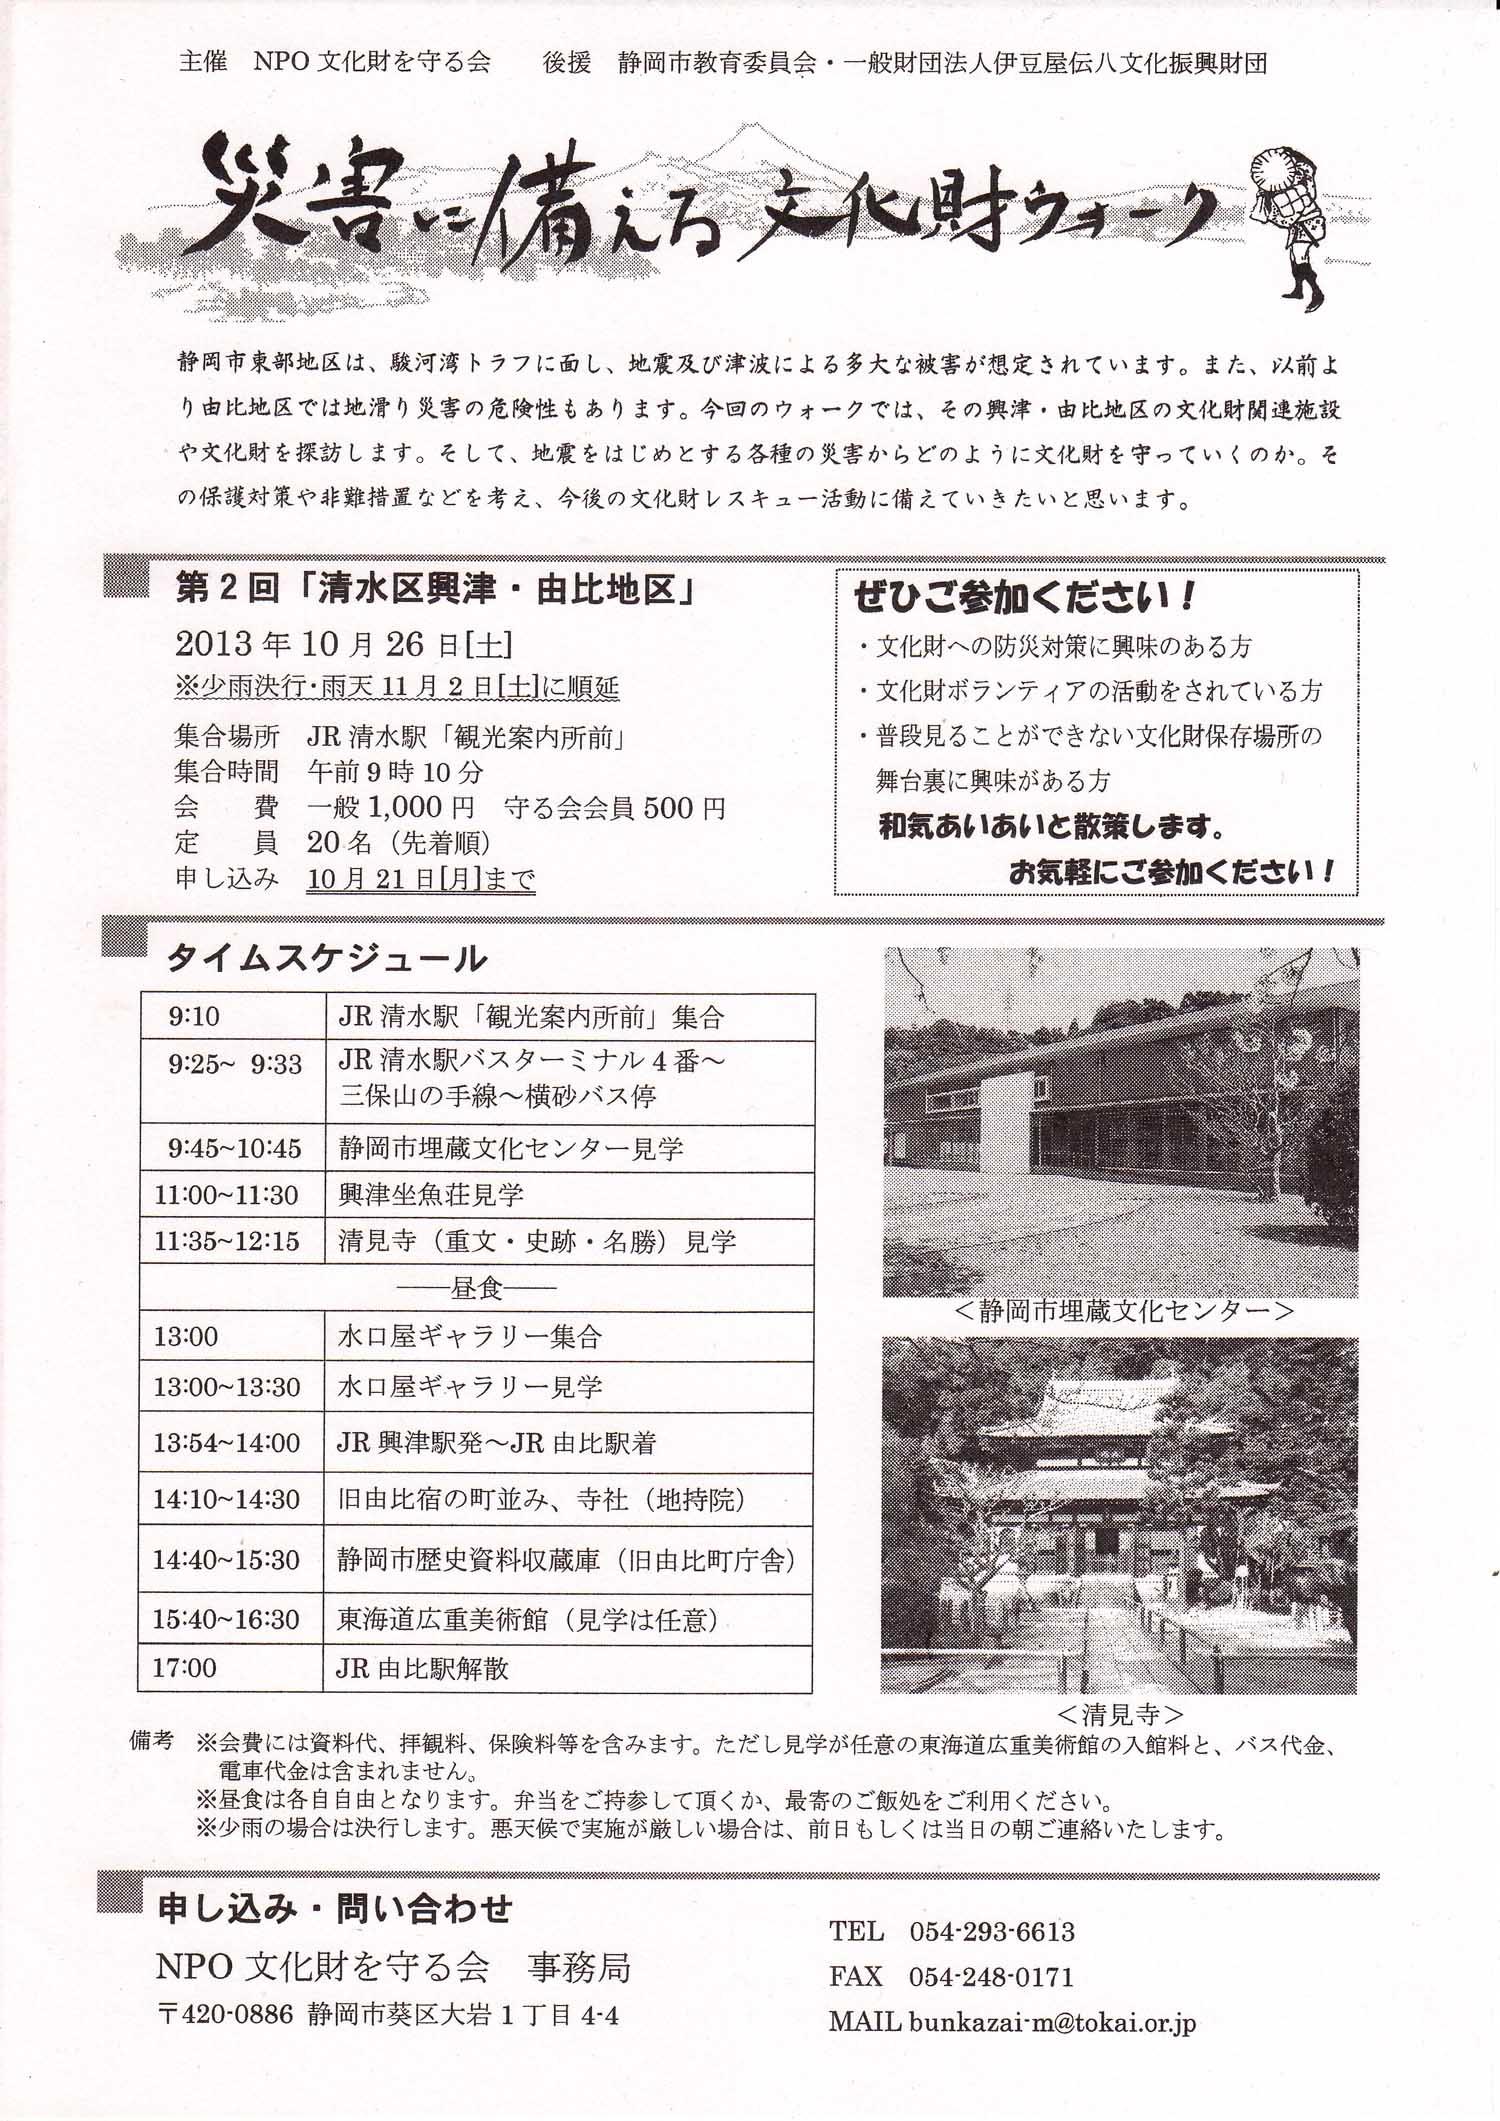 平成25年 文化財ウォーク